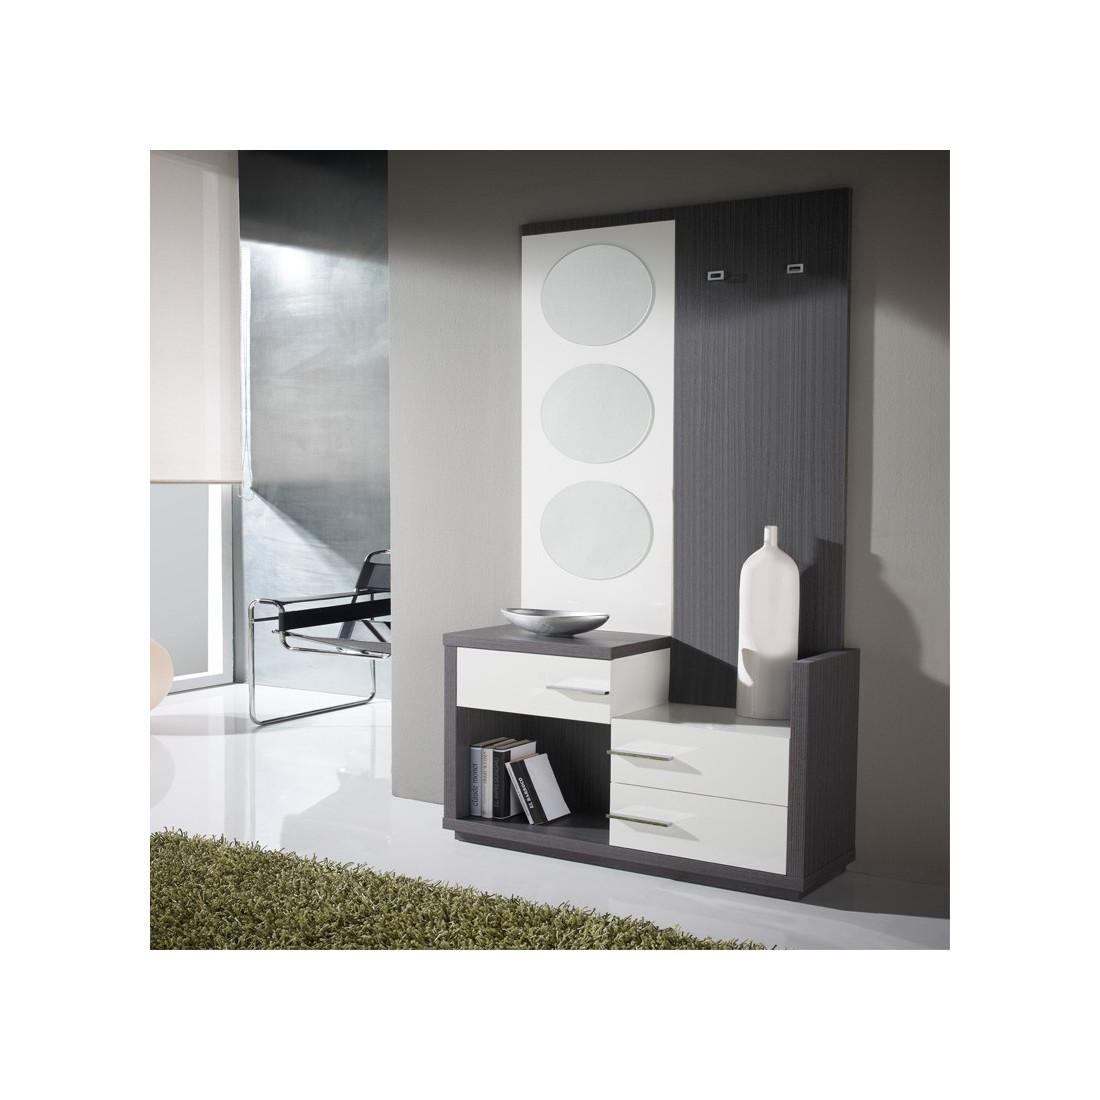 Meuble d 39 entr e miroirs carmen univers petits meubles - Meuble d entree miroir ...